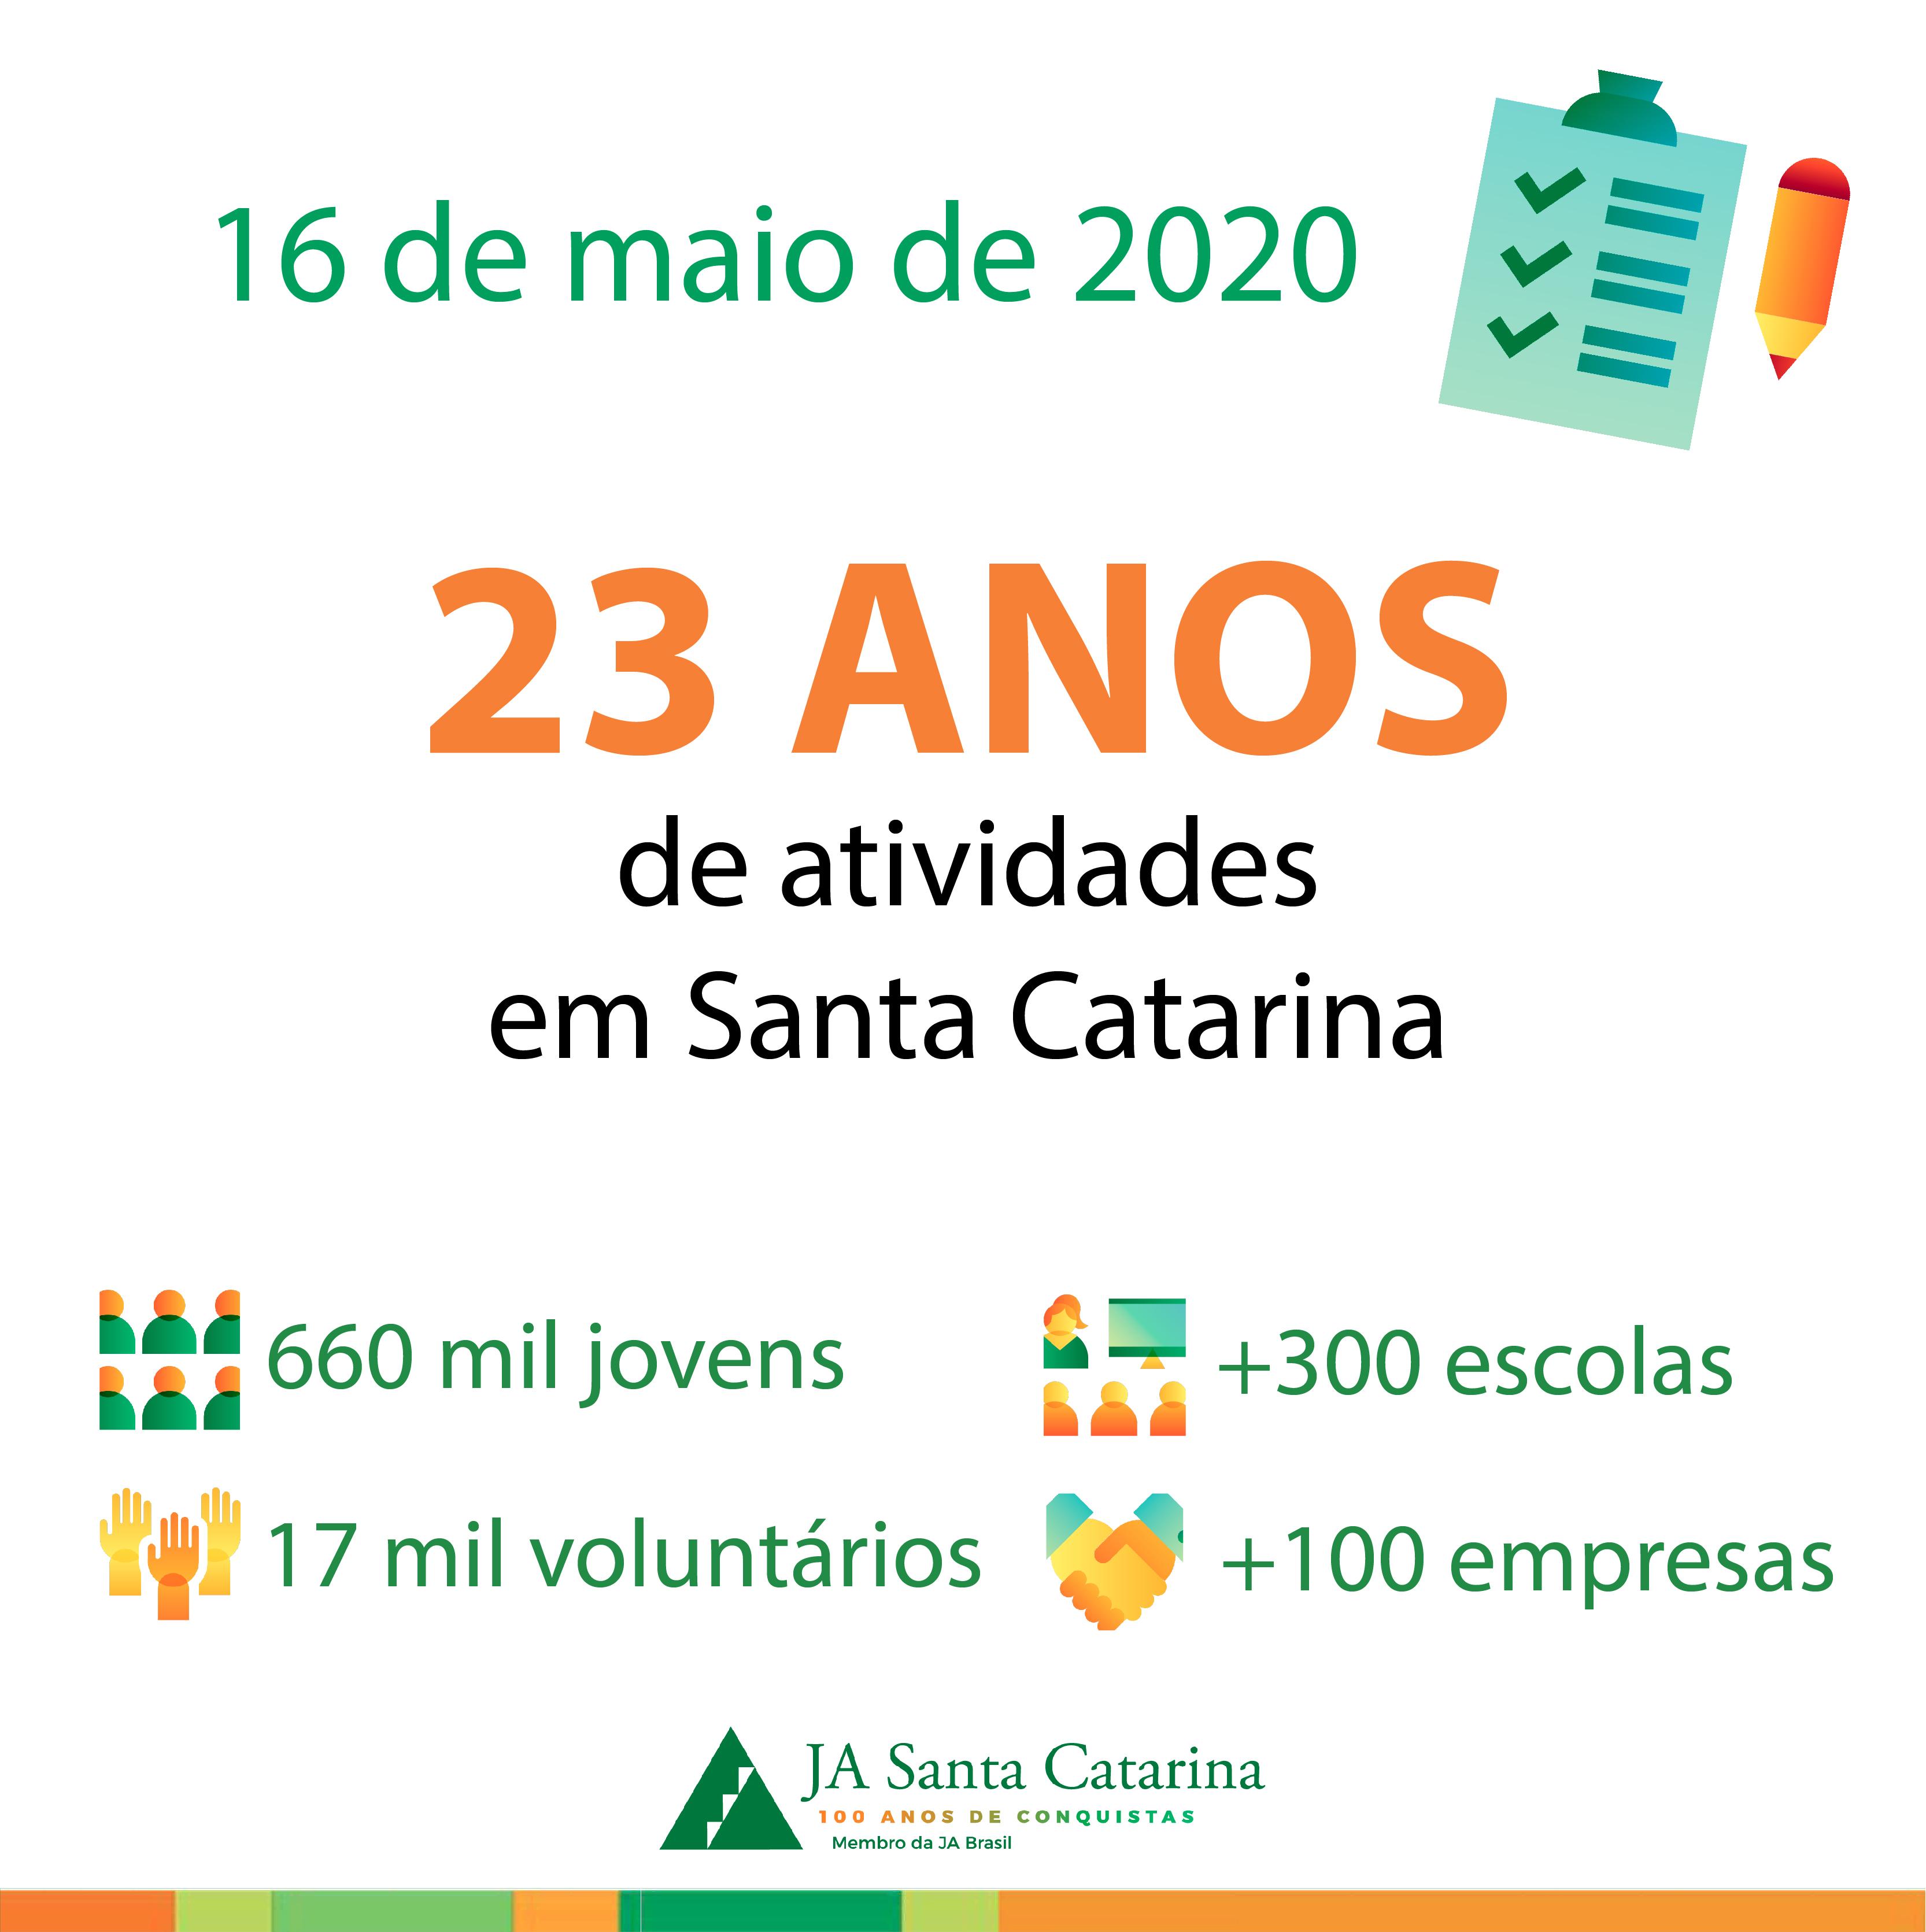 23 anos de atividades em Santa Catarina